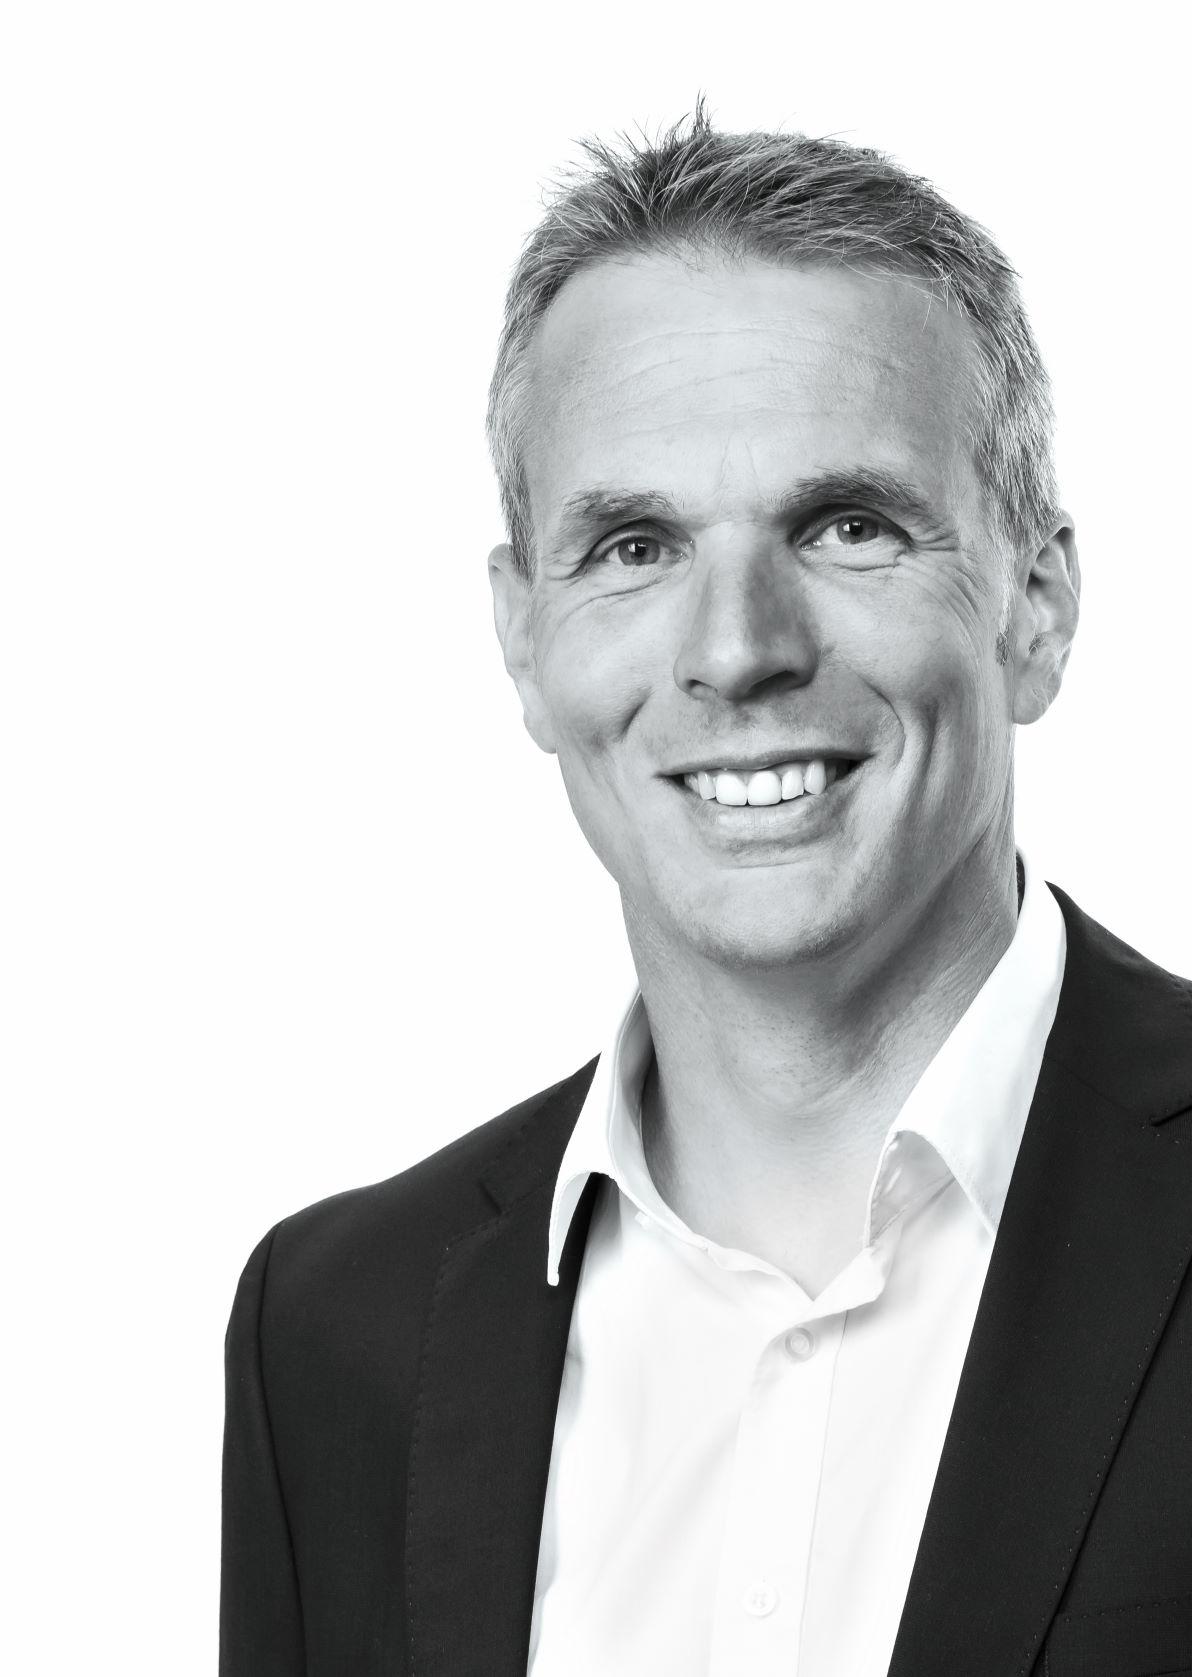 Christian Schulze-Böing